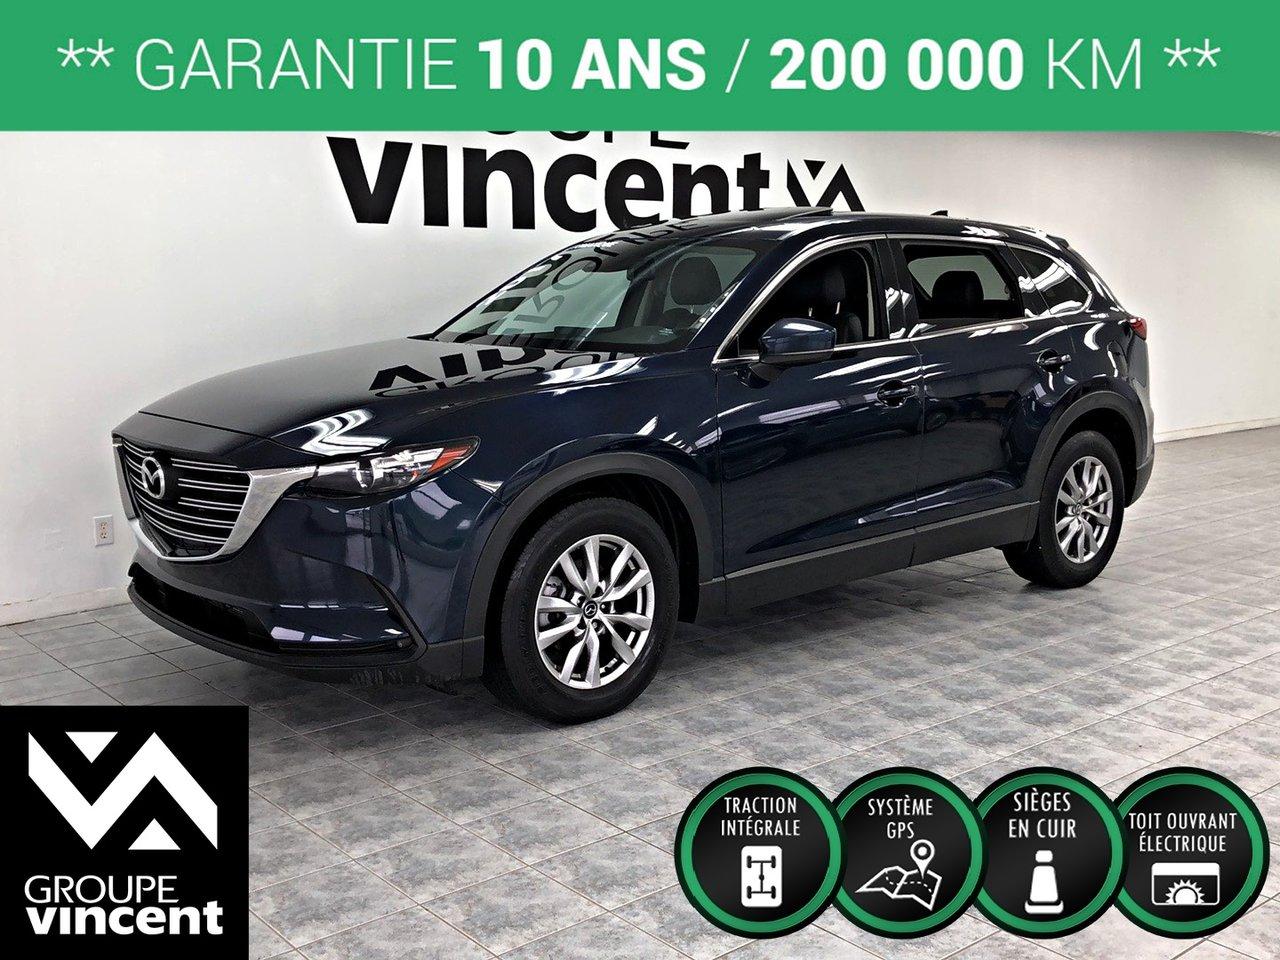 2017 Mazda  CX-9 GS-L GPS-CUIR-TOIT AWD ** GARANTIE 10 ANS **